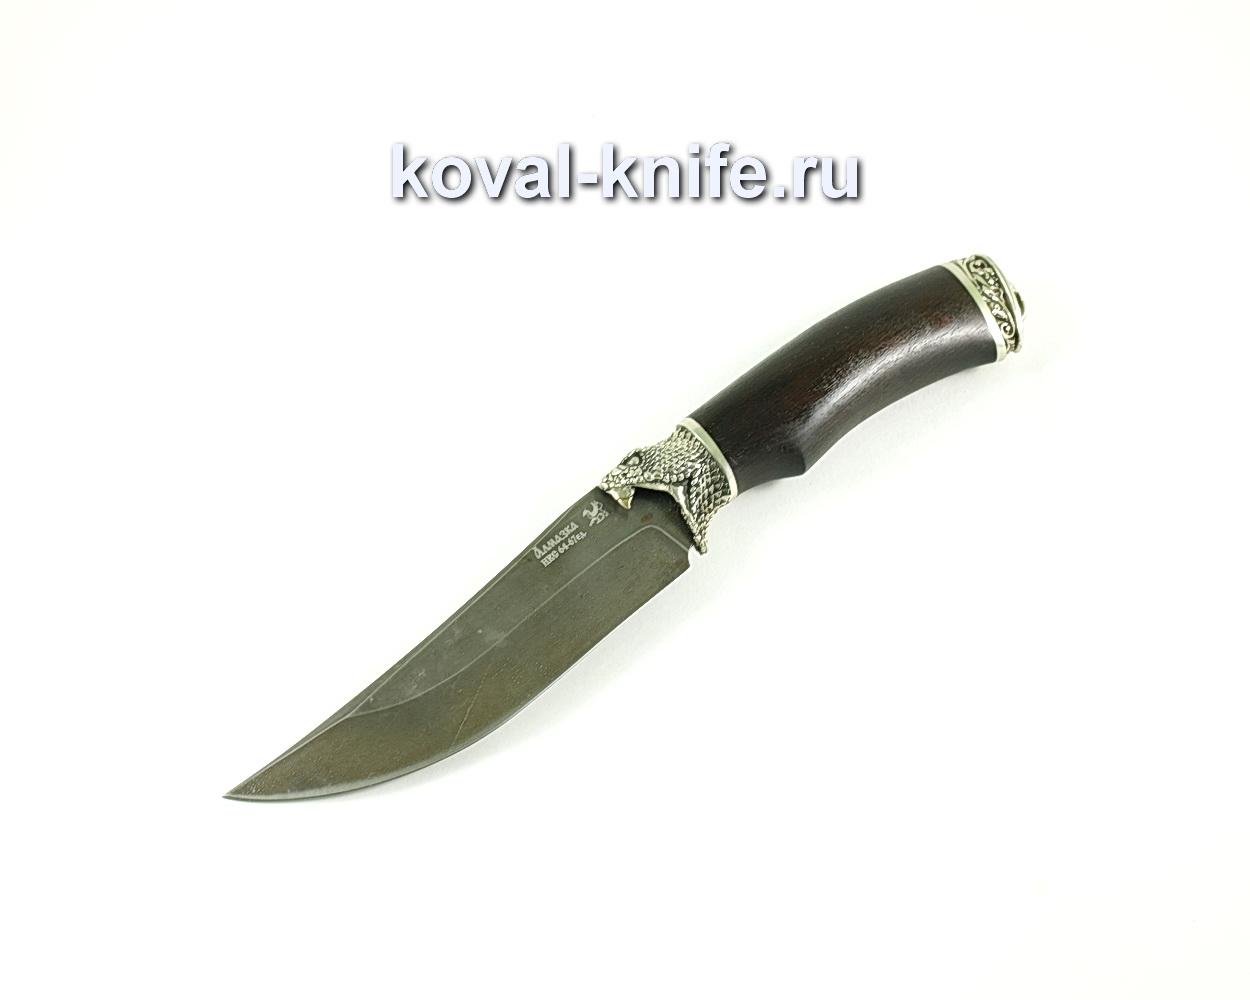 Нож Клыч (сталь ХВ5-Алмазка), рукоять граб, литье A128